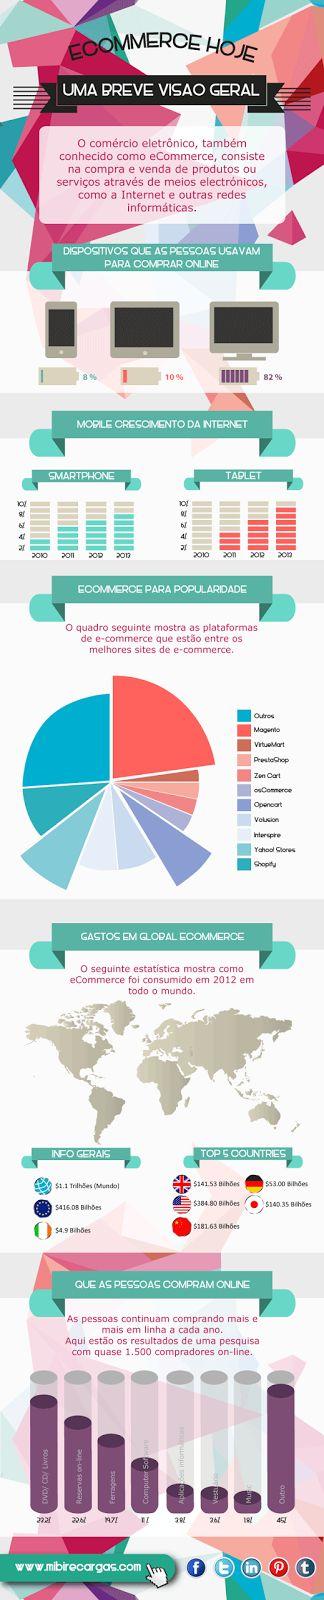 eCommerce hoje: Uma breve visao geral. http://www.mibirecargas.com